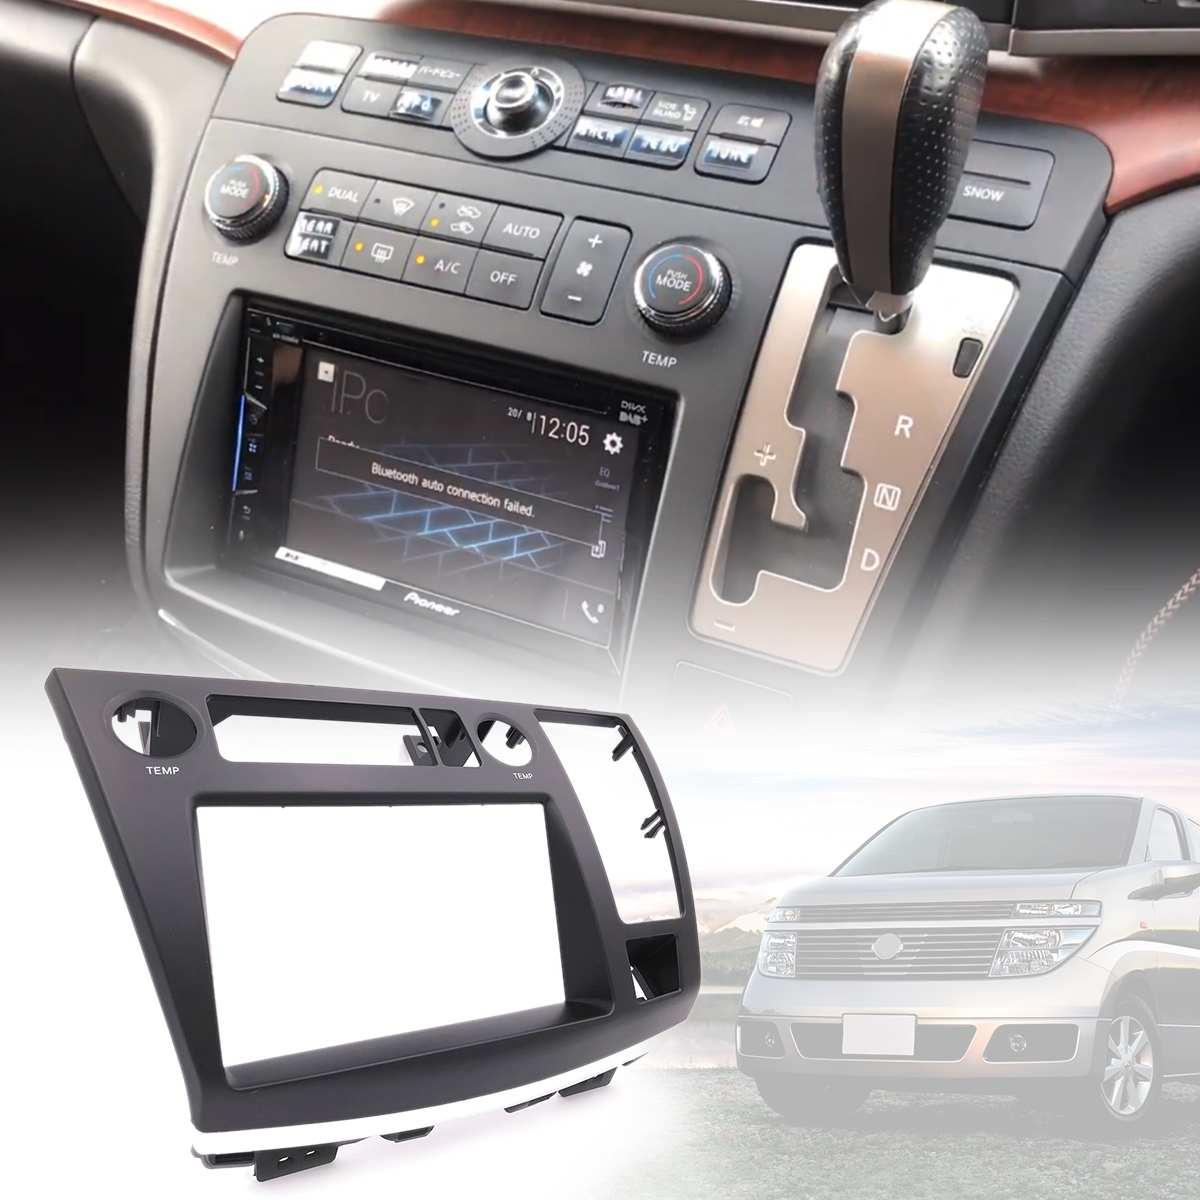 25*8*34.5 cm autoradio Facia Kit tableau de bord panneau Fascia plaque pour Nissan Elgrand (E51) 2002-2010 DVD CD panneau garniture plaque cadre Console